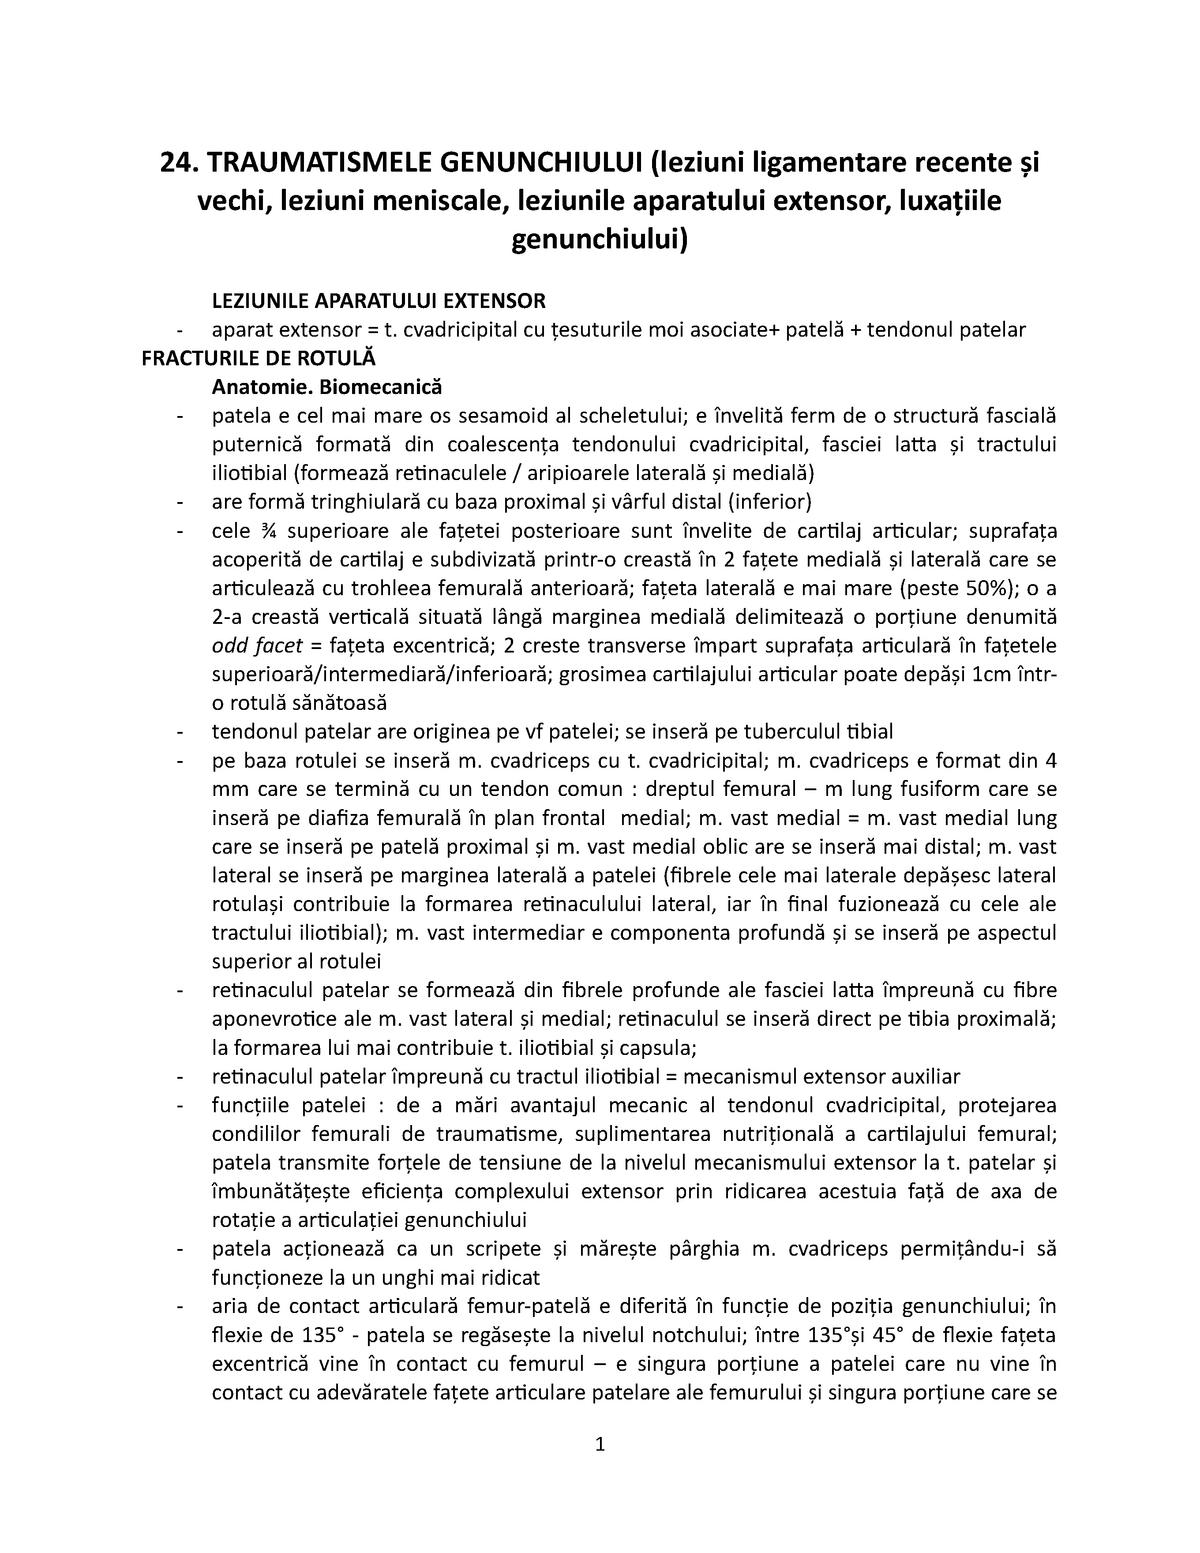 tratament articular de proeminență medicamentul comun este bun